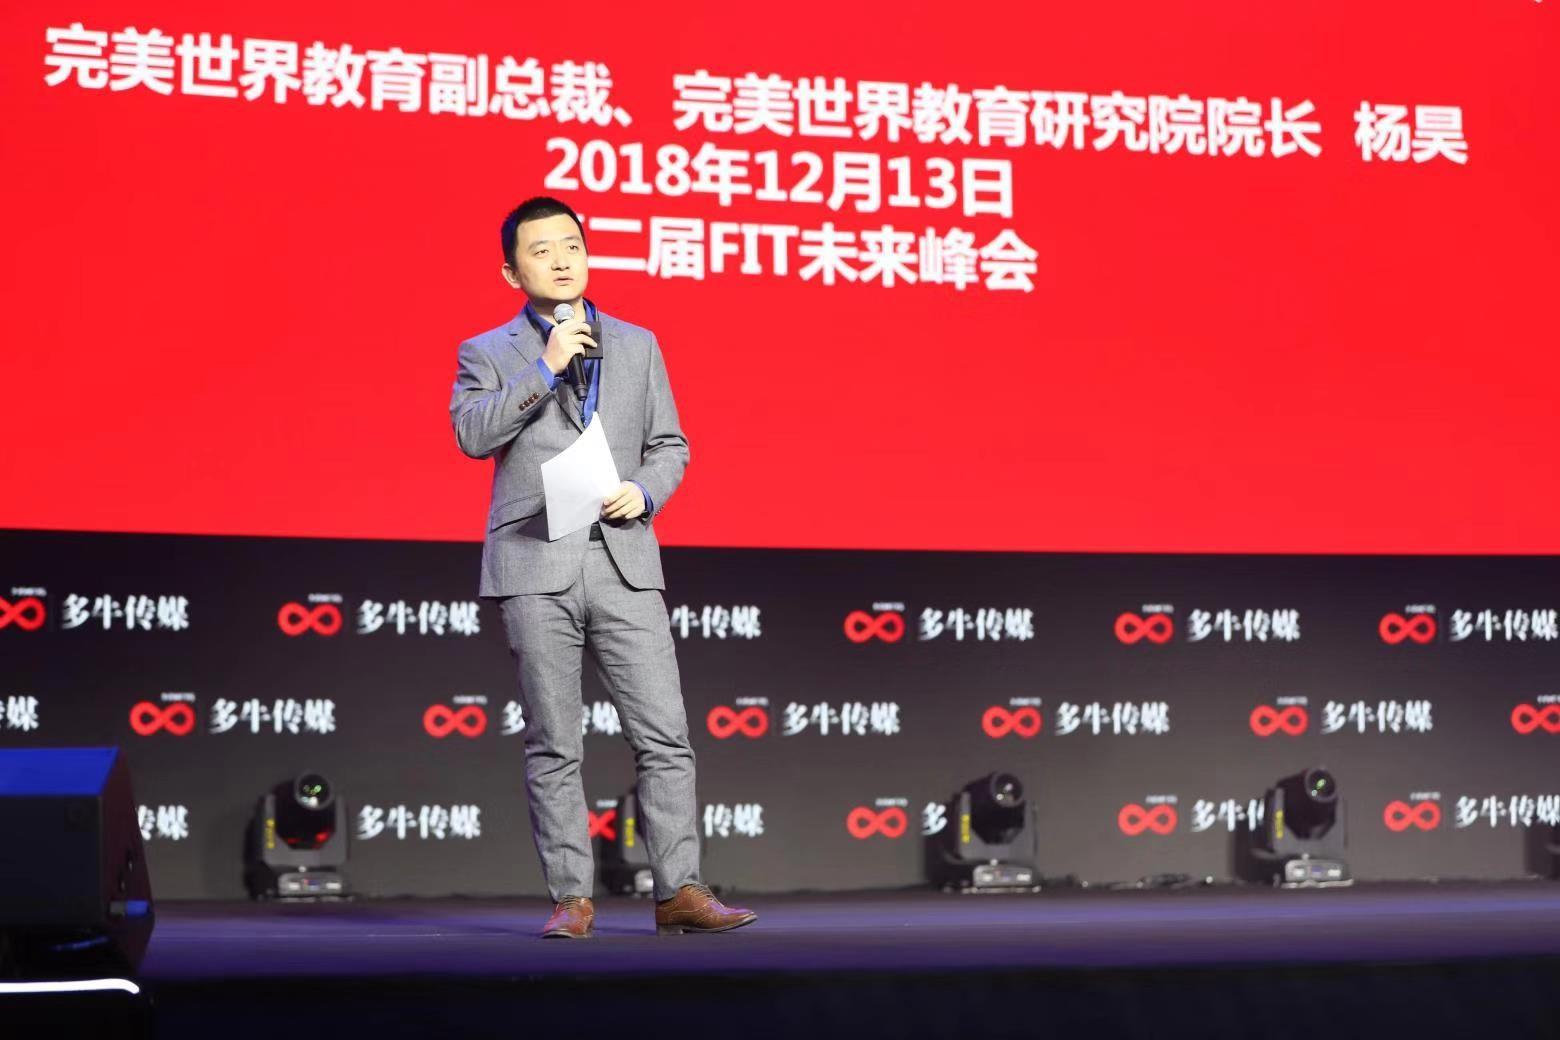 完善杨昊F.I.T将来峰会分享数字文明娱乐将来趋向:将来的财产与人才在那边?